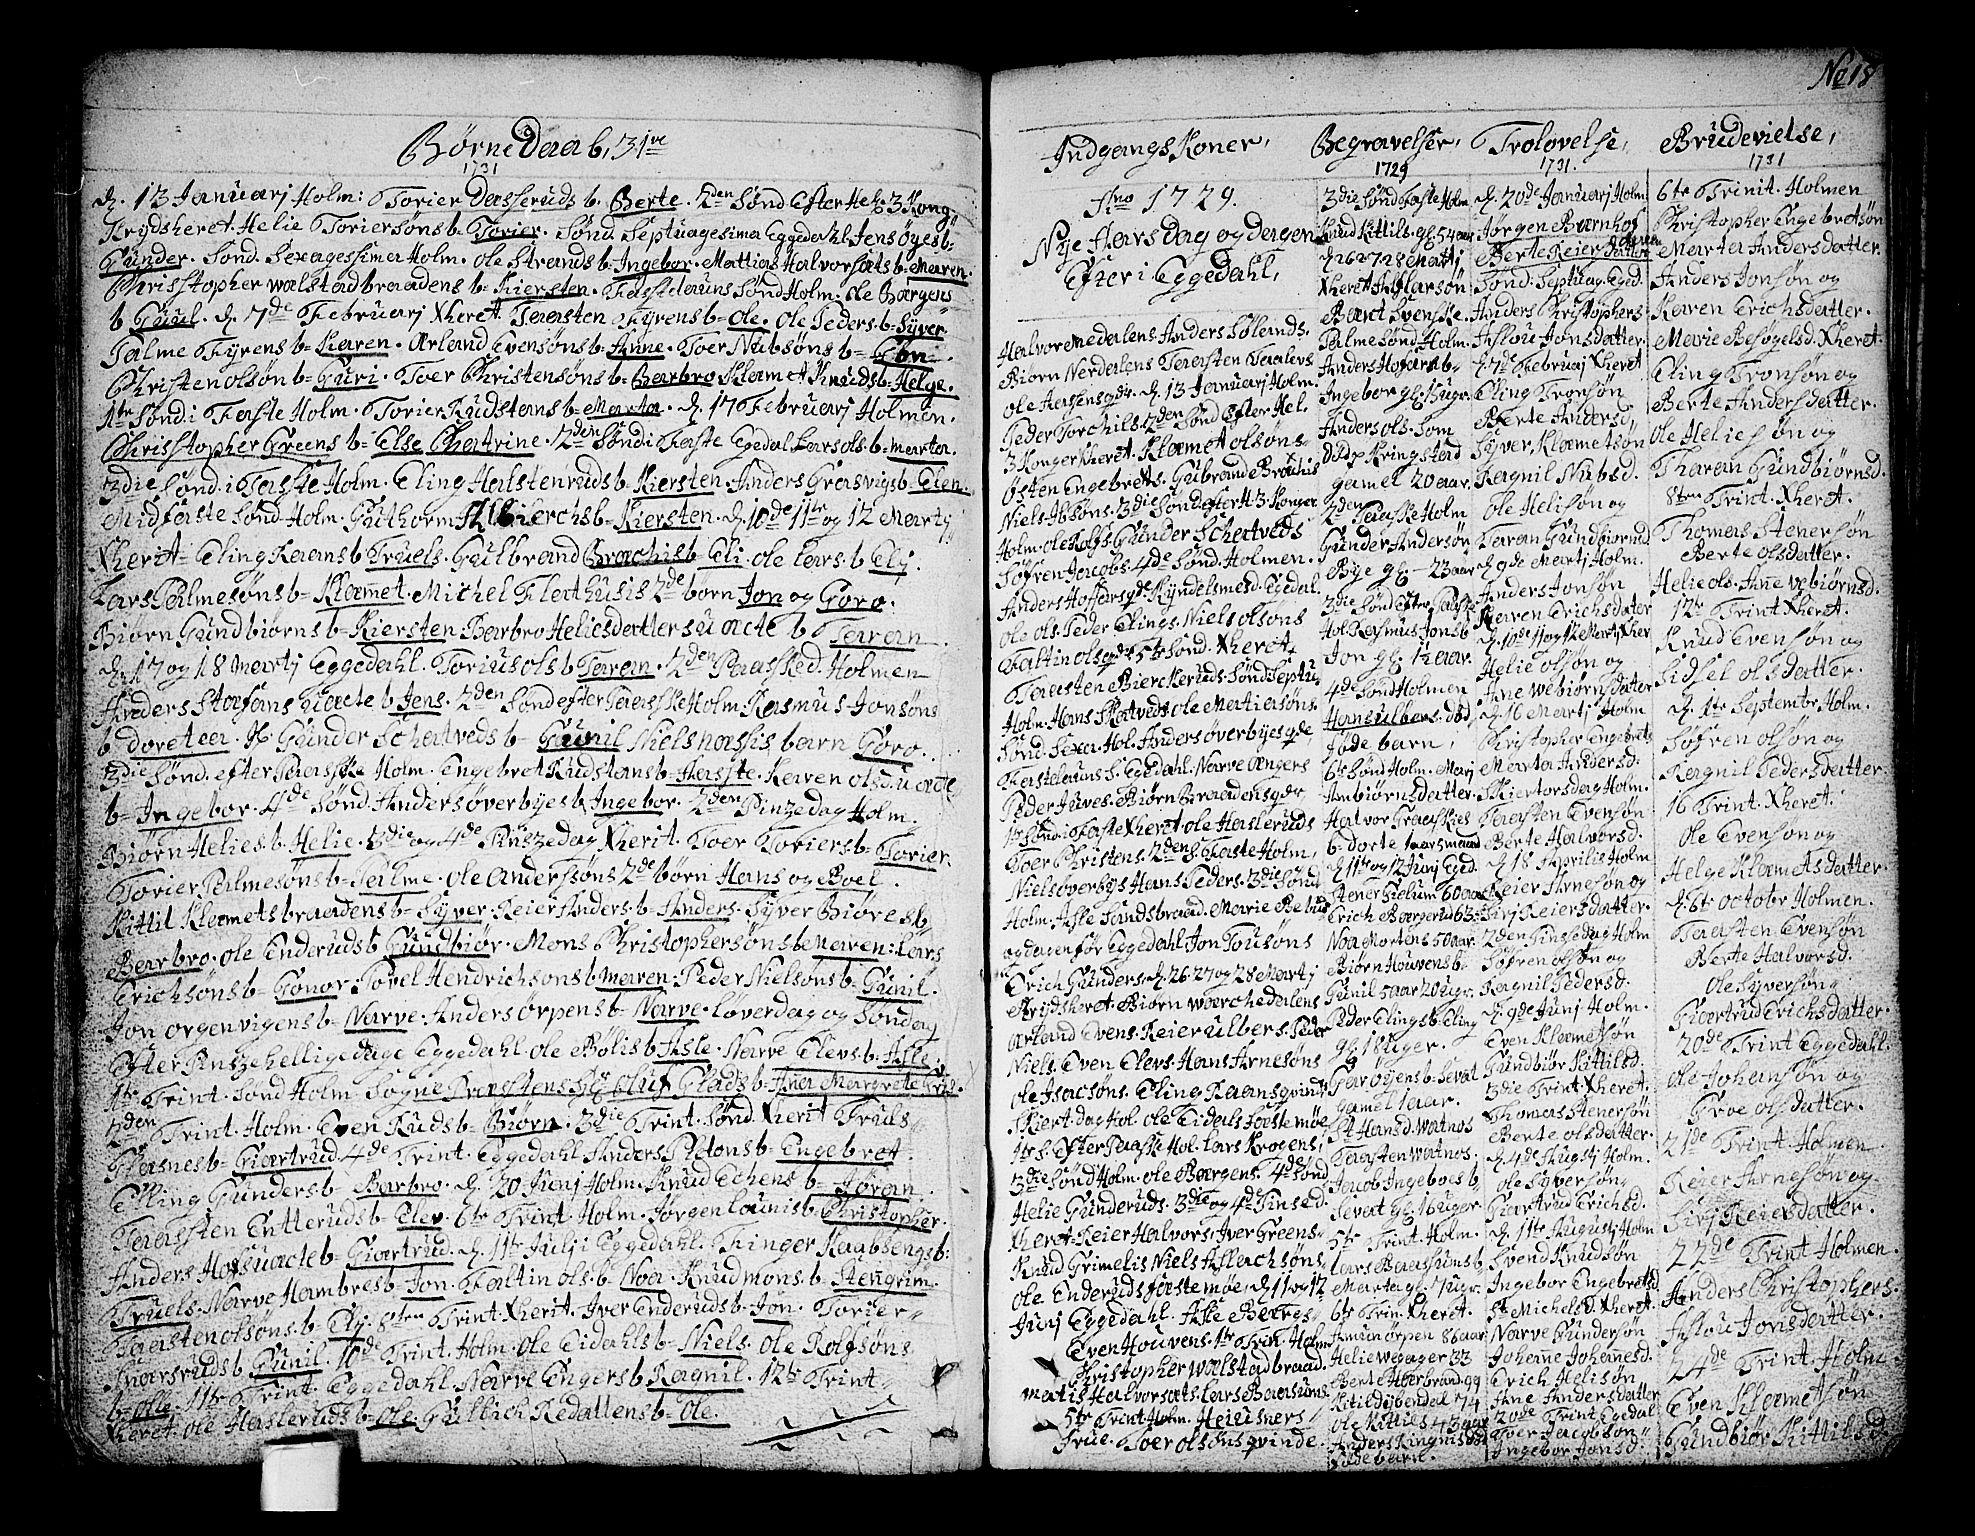 SAKO, Sigdal kirkebøker, F/Fa/L0001: Ministerialbok nr. I 1, 1722-1777, s. 18